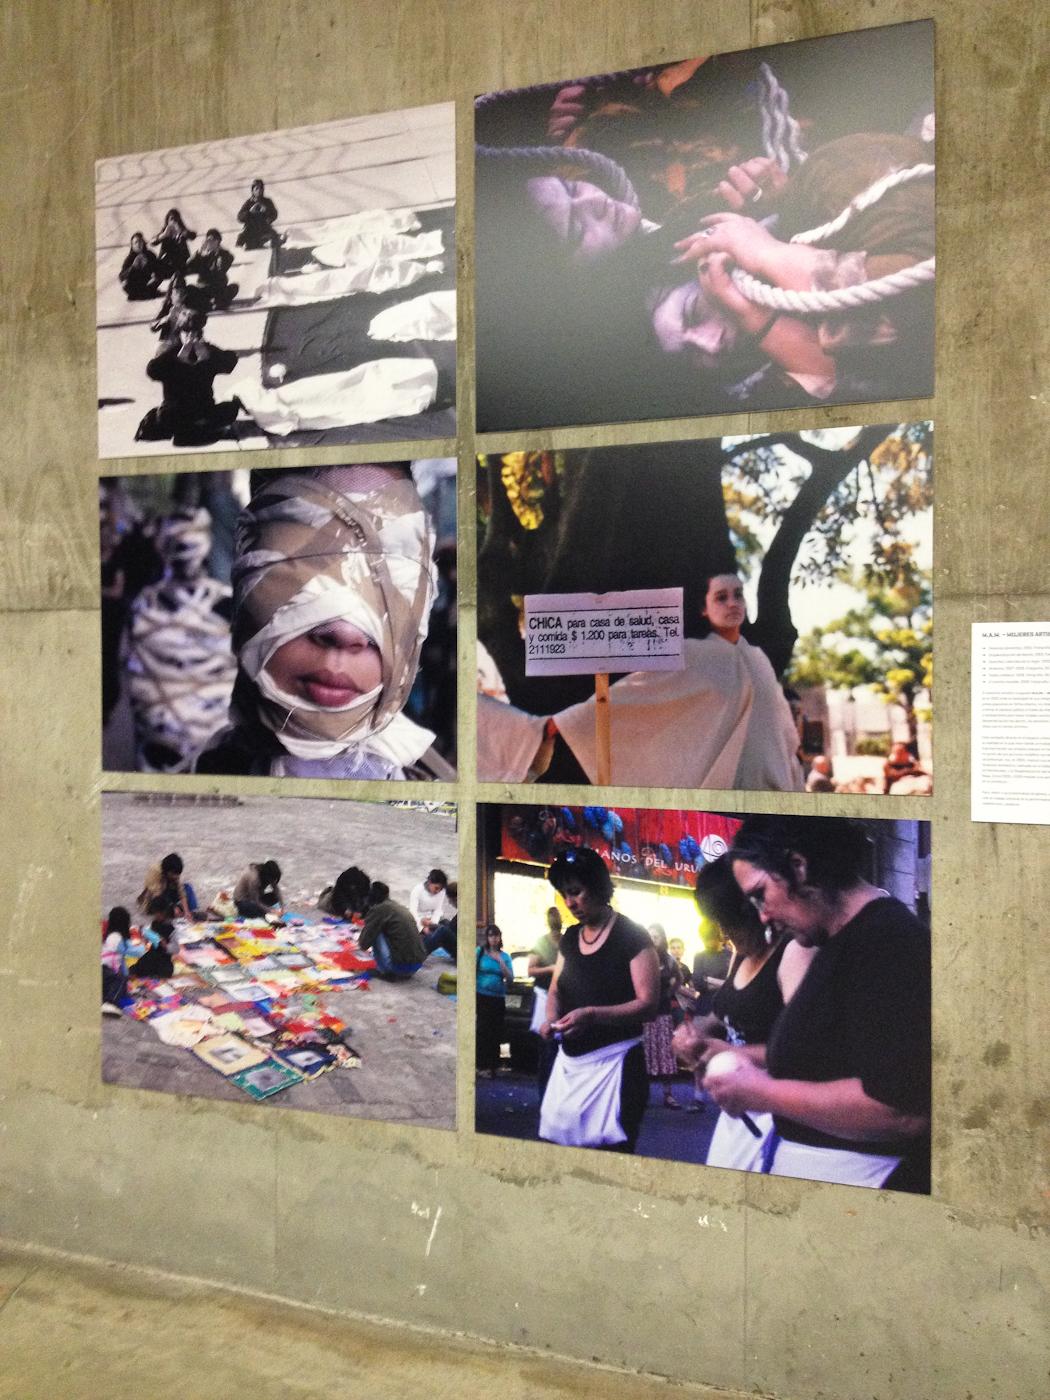 Fotografías de m.a.m. - mujeres artistas en movimiento (Uruguay). Foto